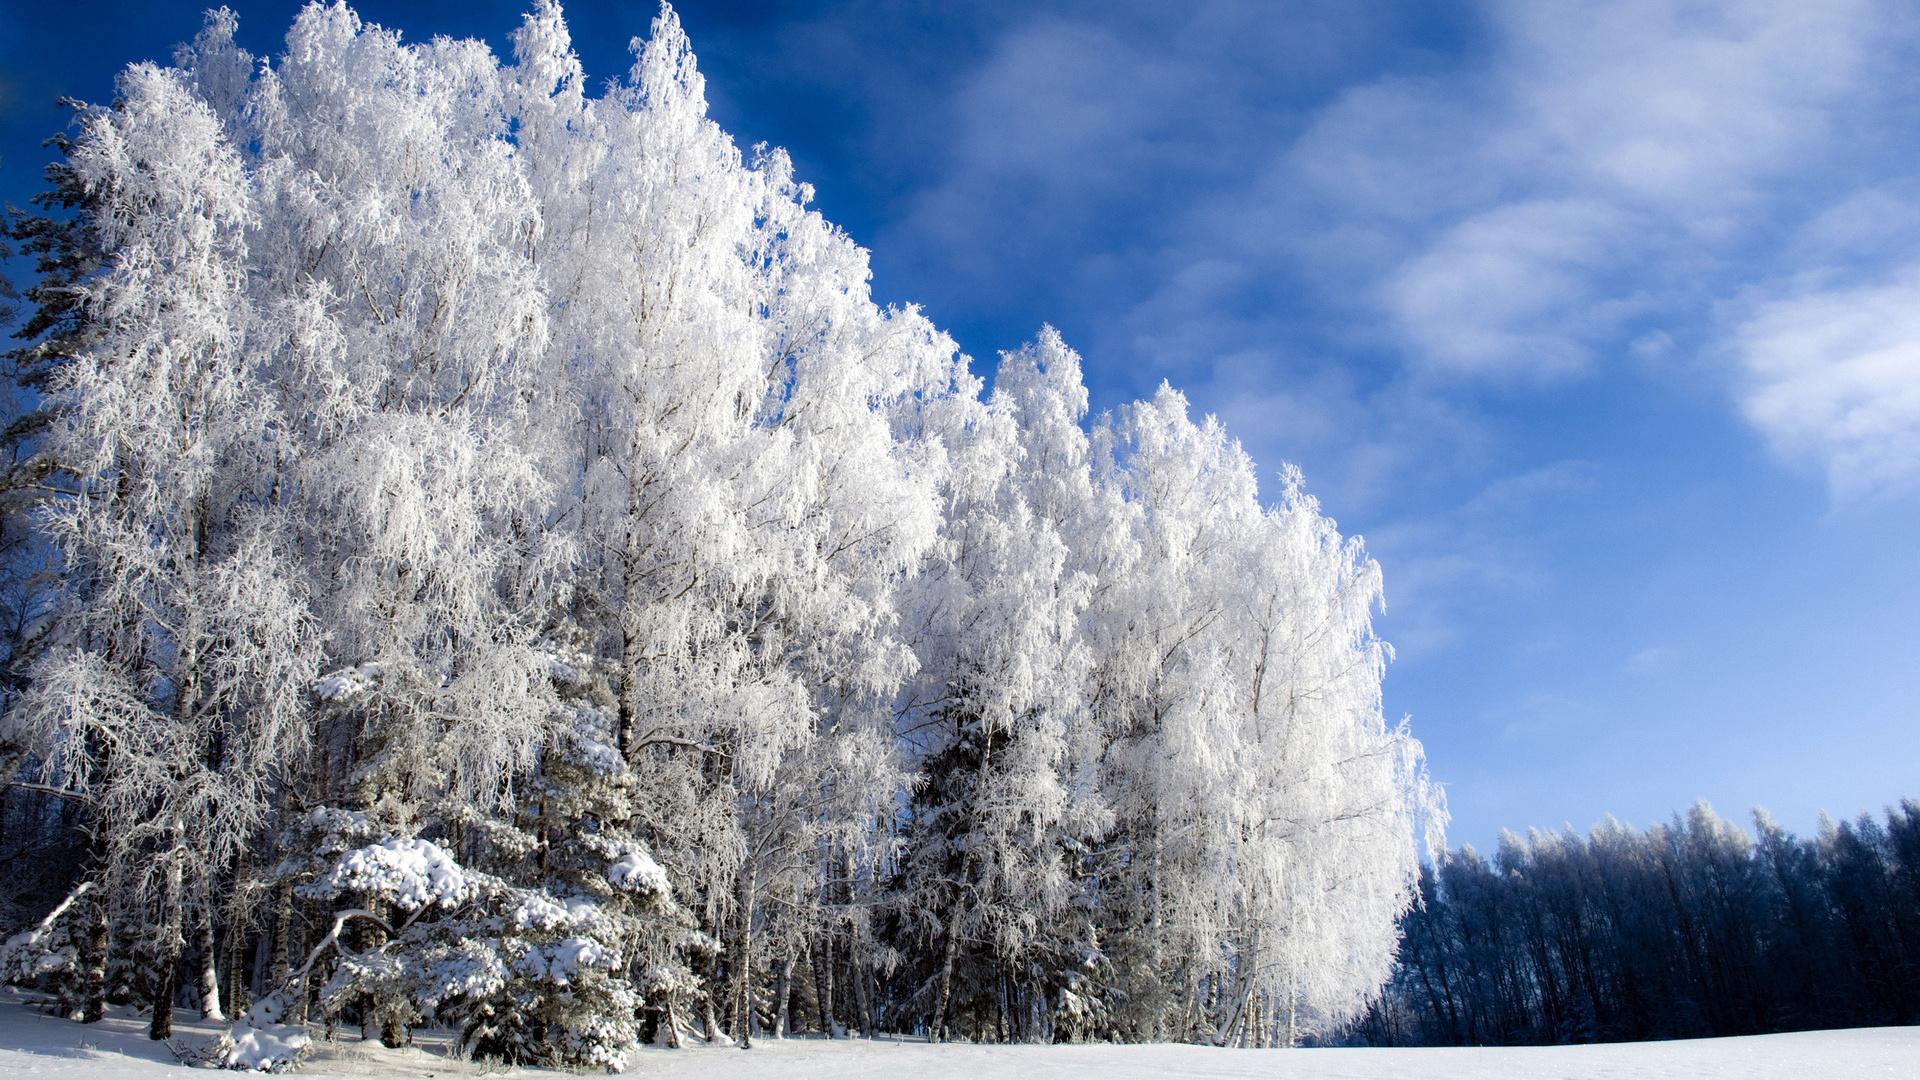 риме фотографии о красоте зимы отключить